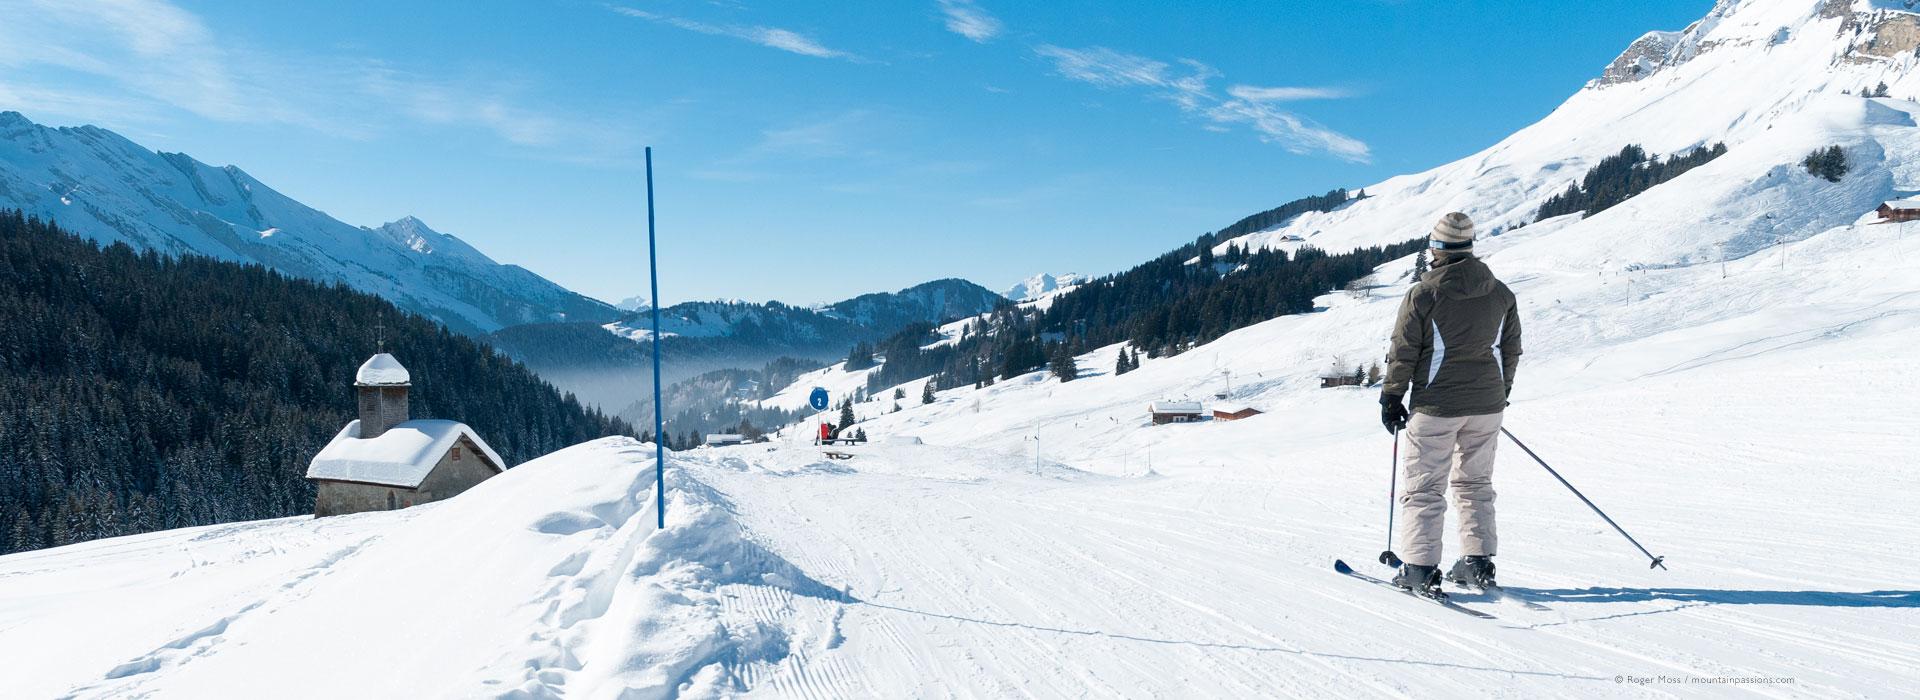 Low, wide view of skier in piste approaching mountain chapel